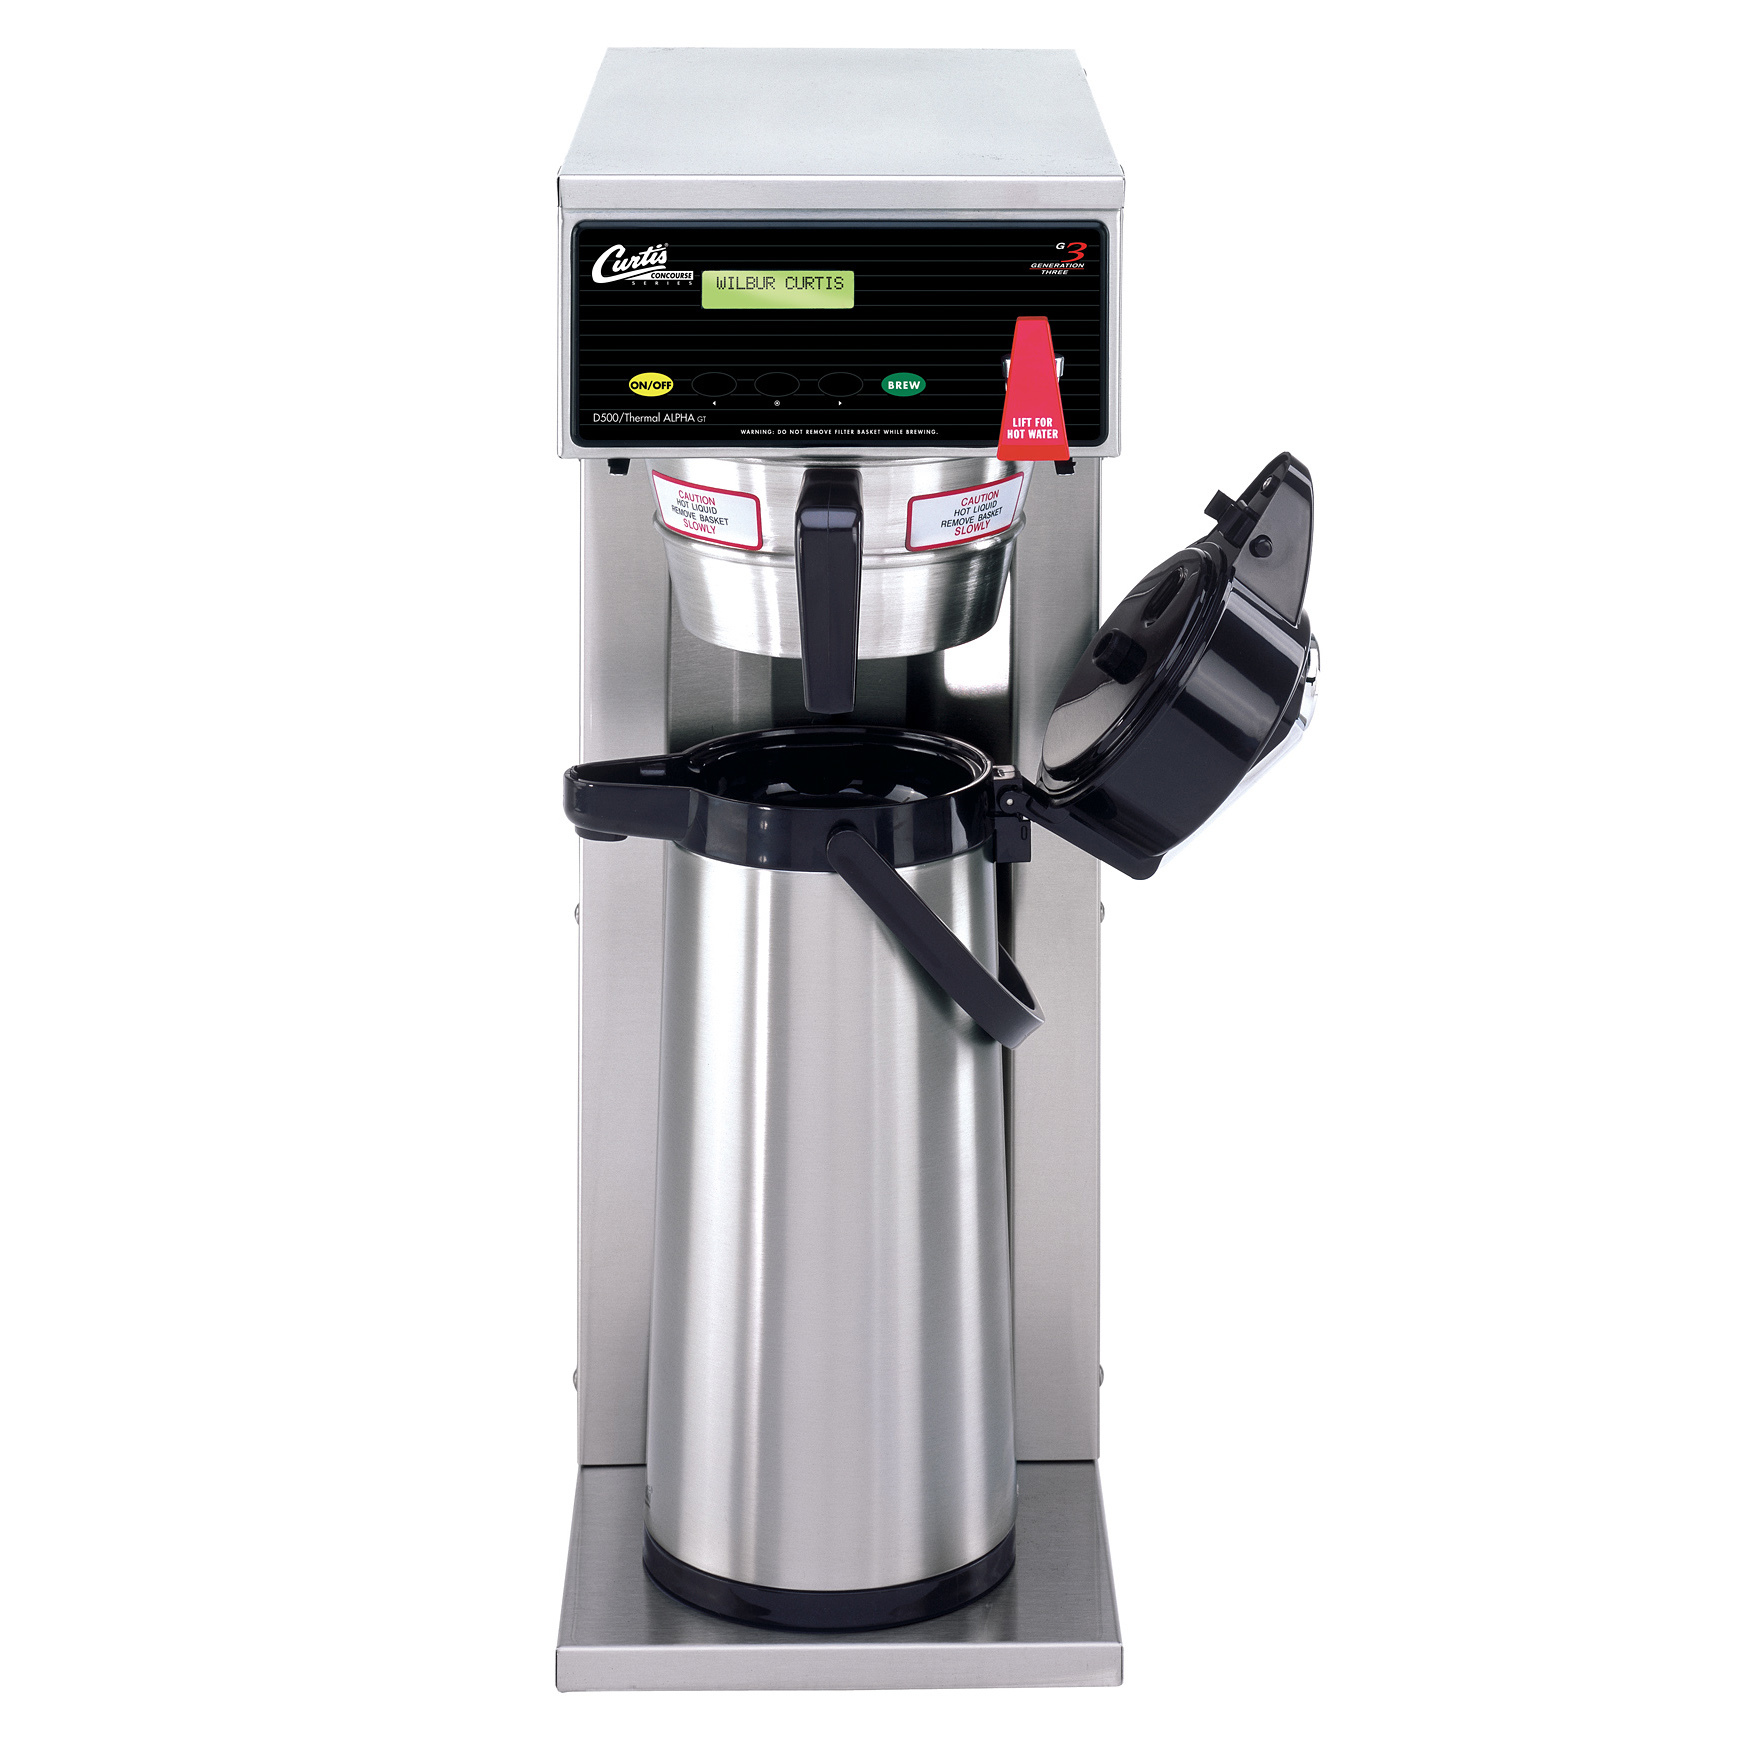 Автоматические и фильтрационные кофемашины - G3 Airpot Brewer